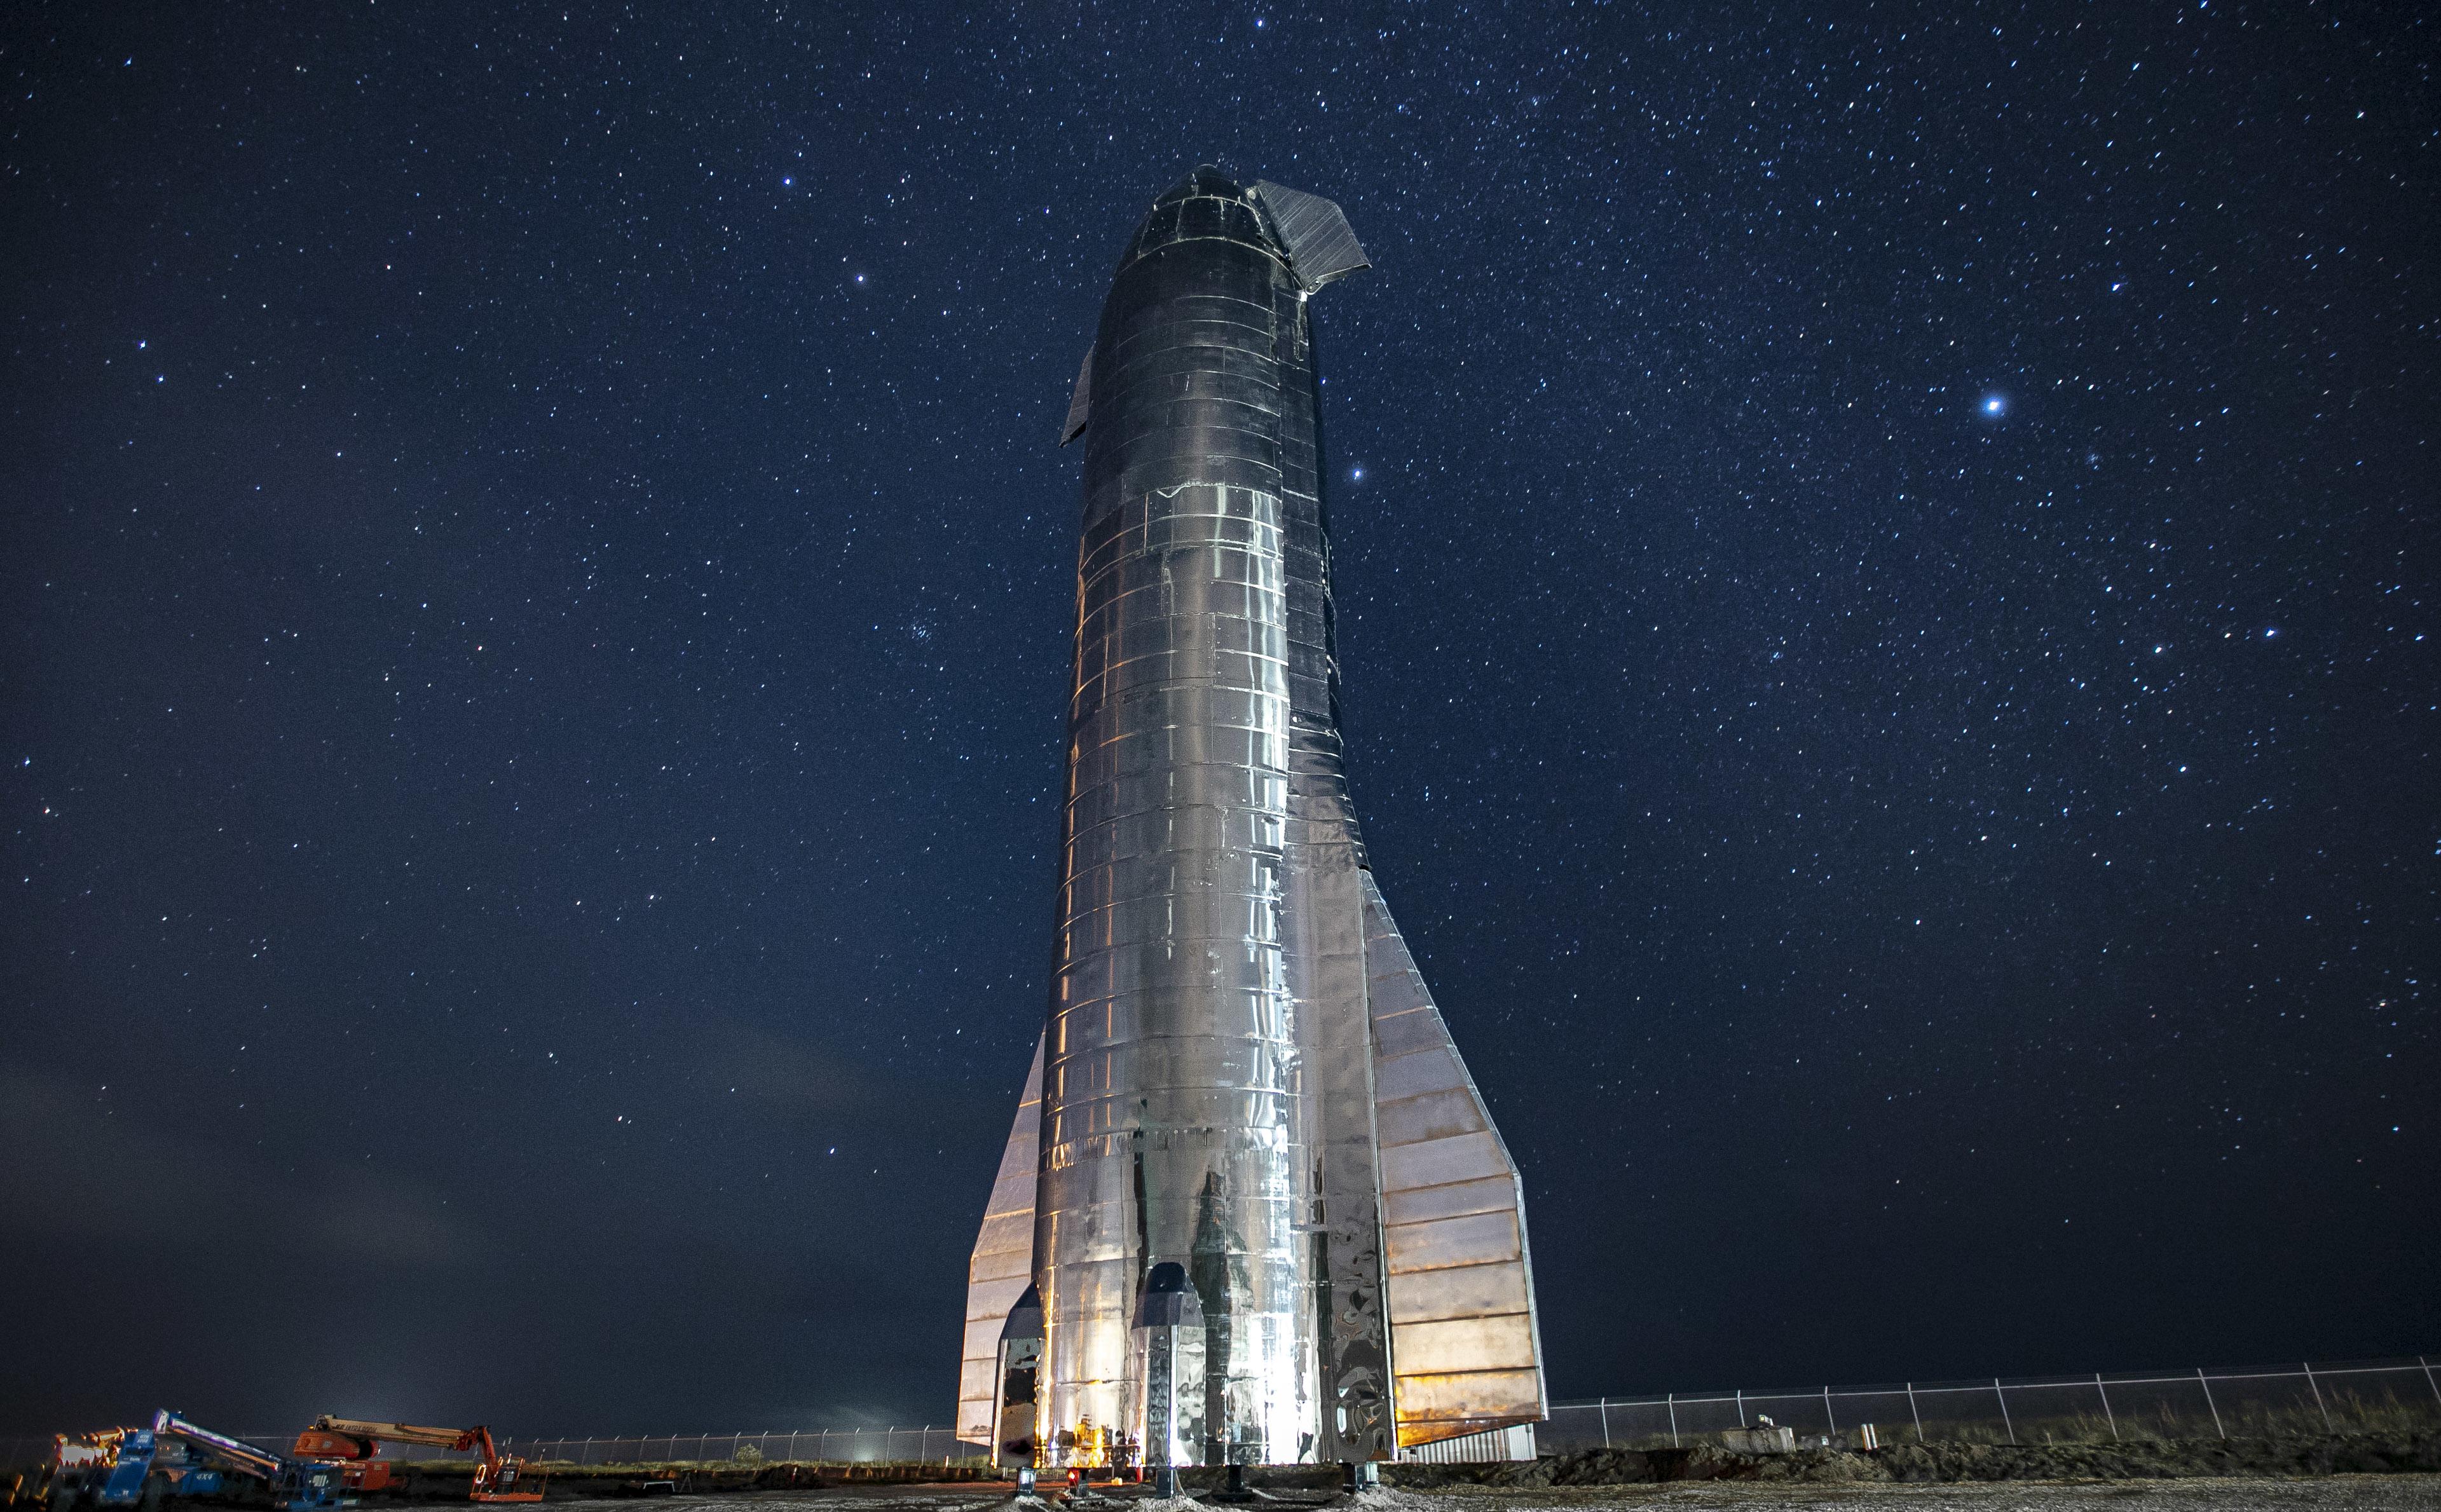 Космічний корабель Starship від SpaceX, який можна використовувати для доставки людей або вантажів на Місяць, Марс та інші планети (фото: www.spacex.com)